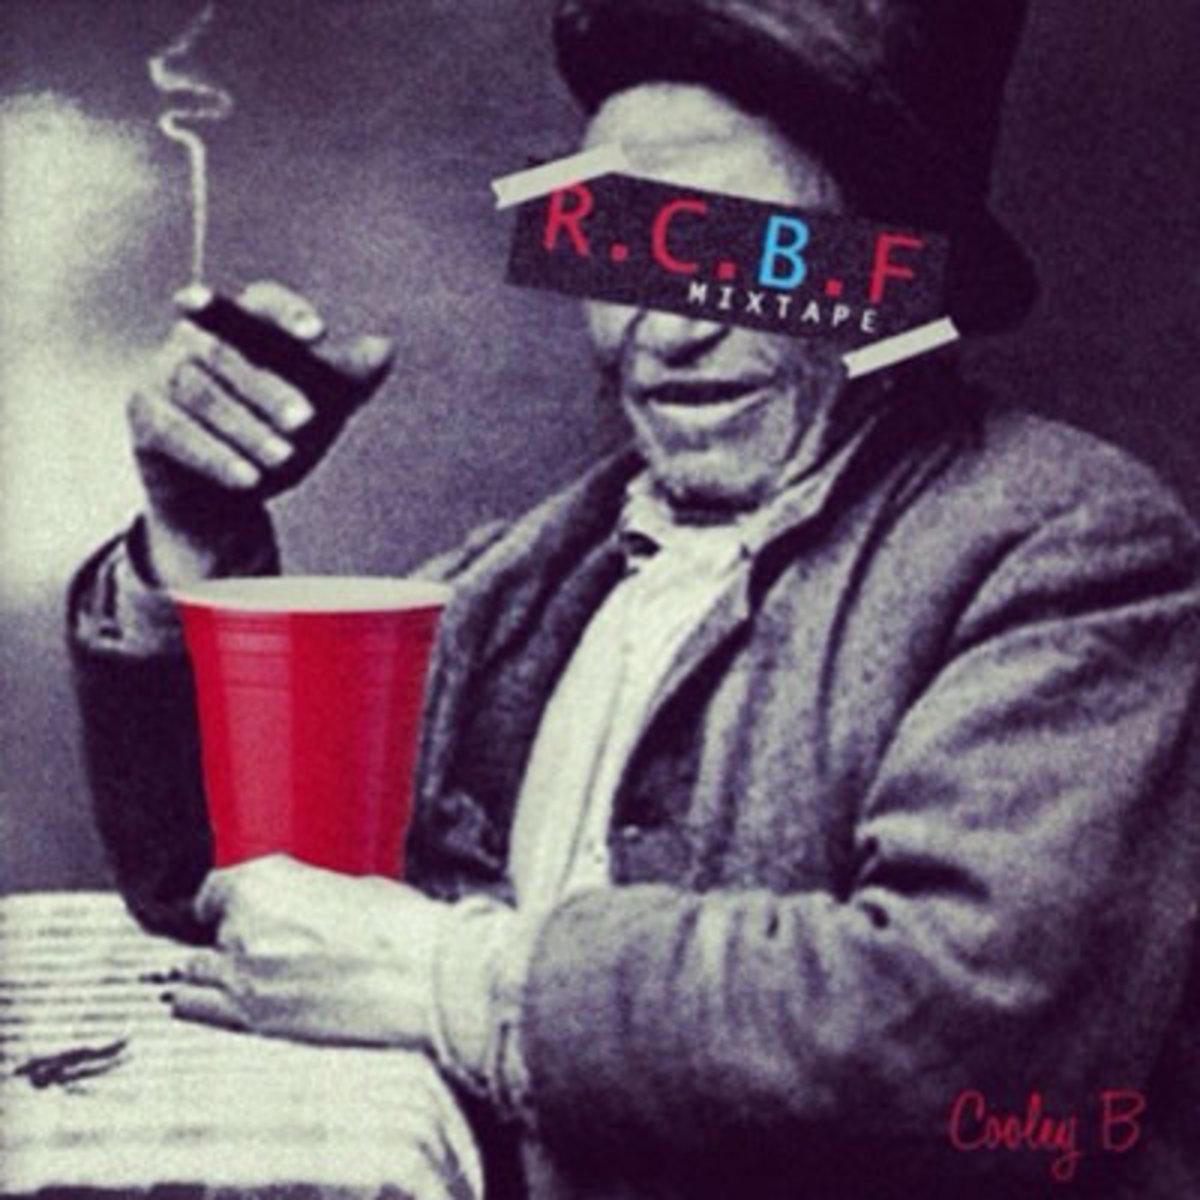 cooleyb-rcbf.jpg